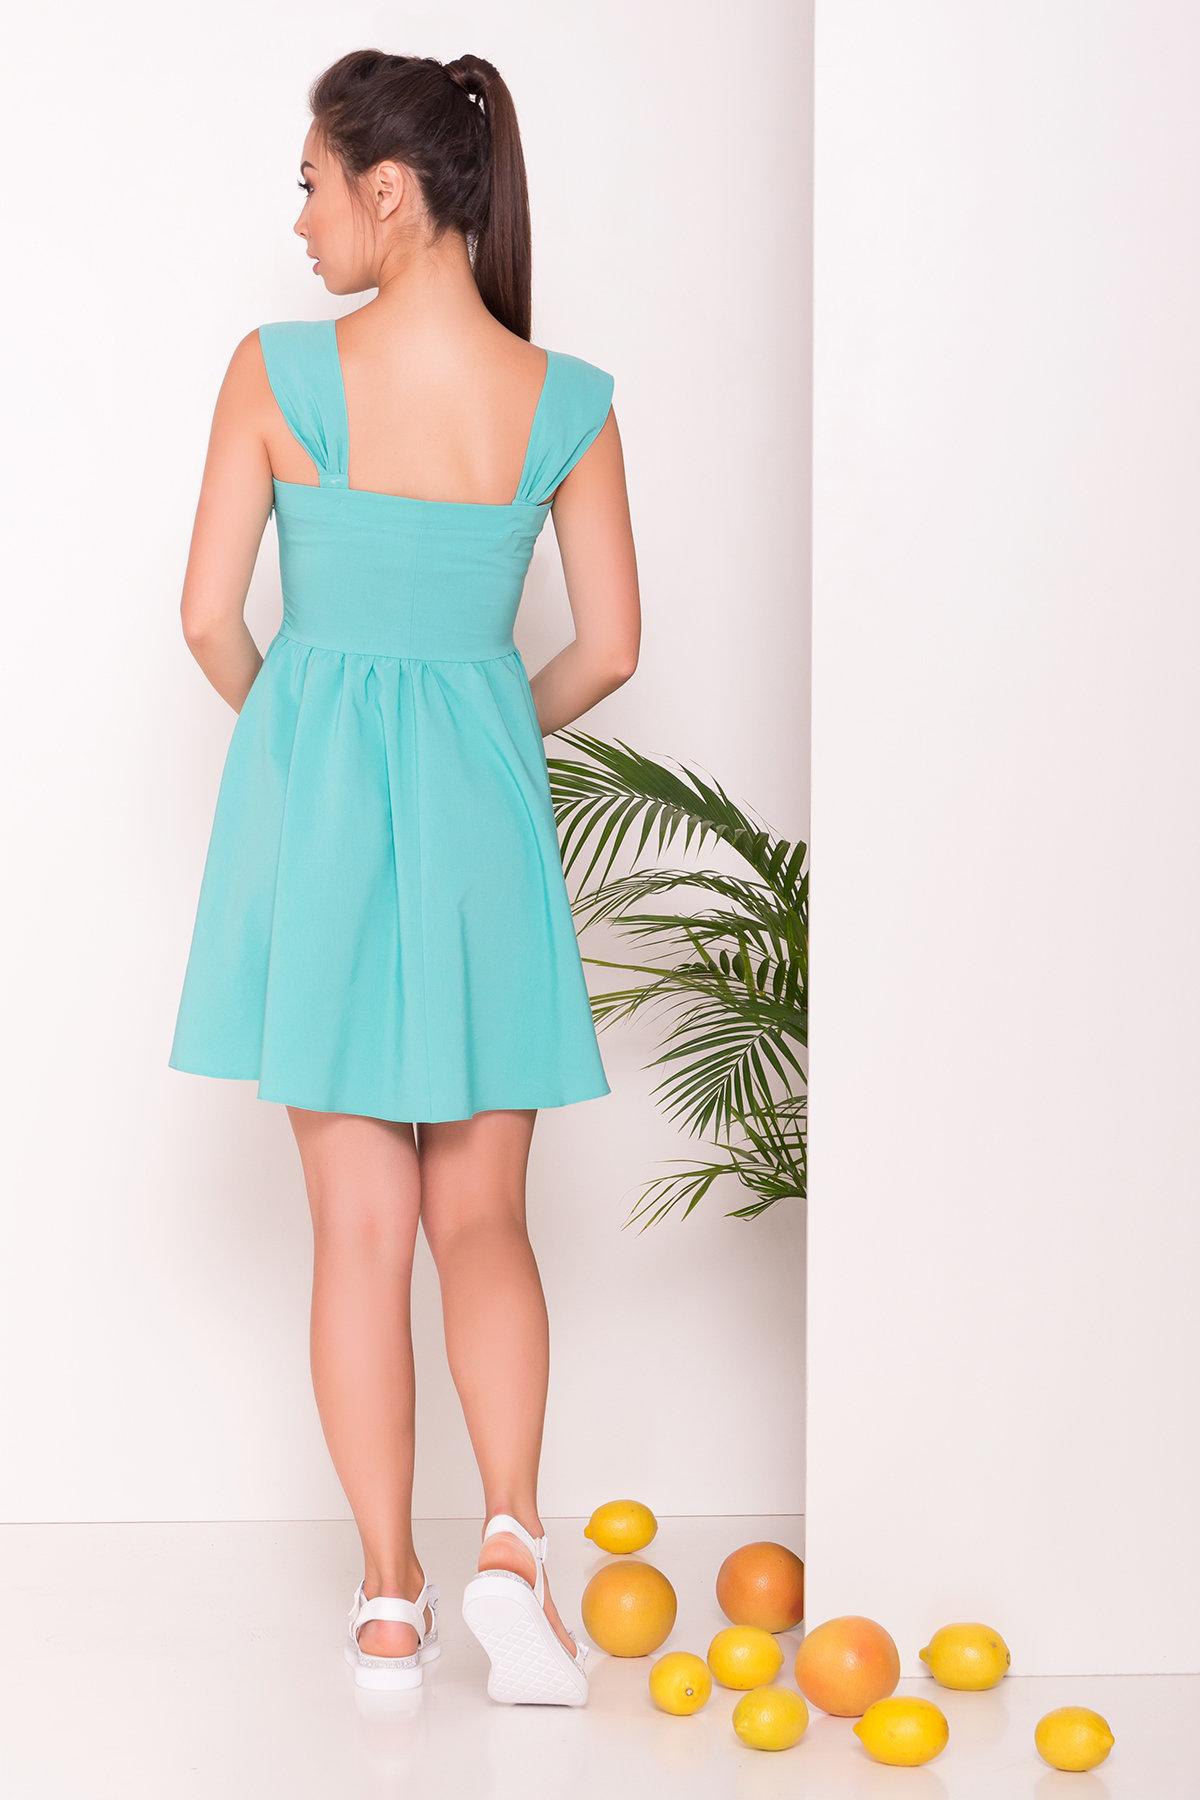 Платье Джонни 7413 АРТ. 43201 Цвет: Мята - фото 4, интернет магазин tm-modus.ru